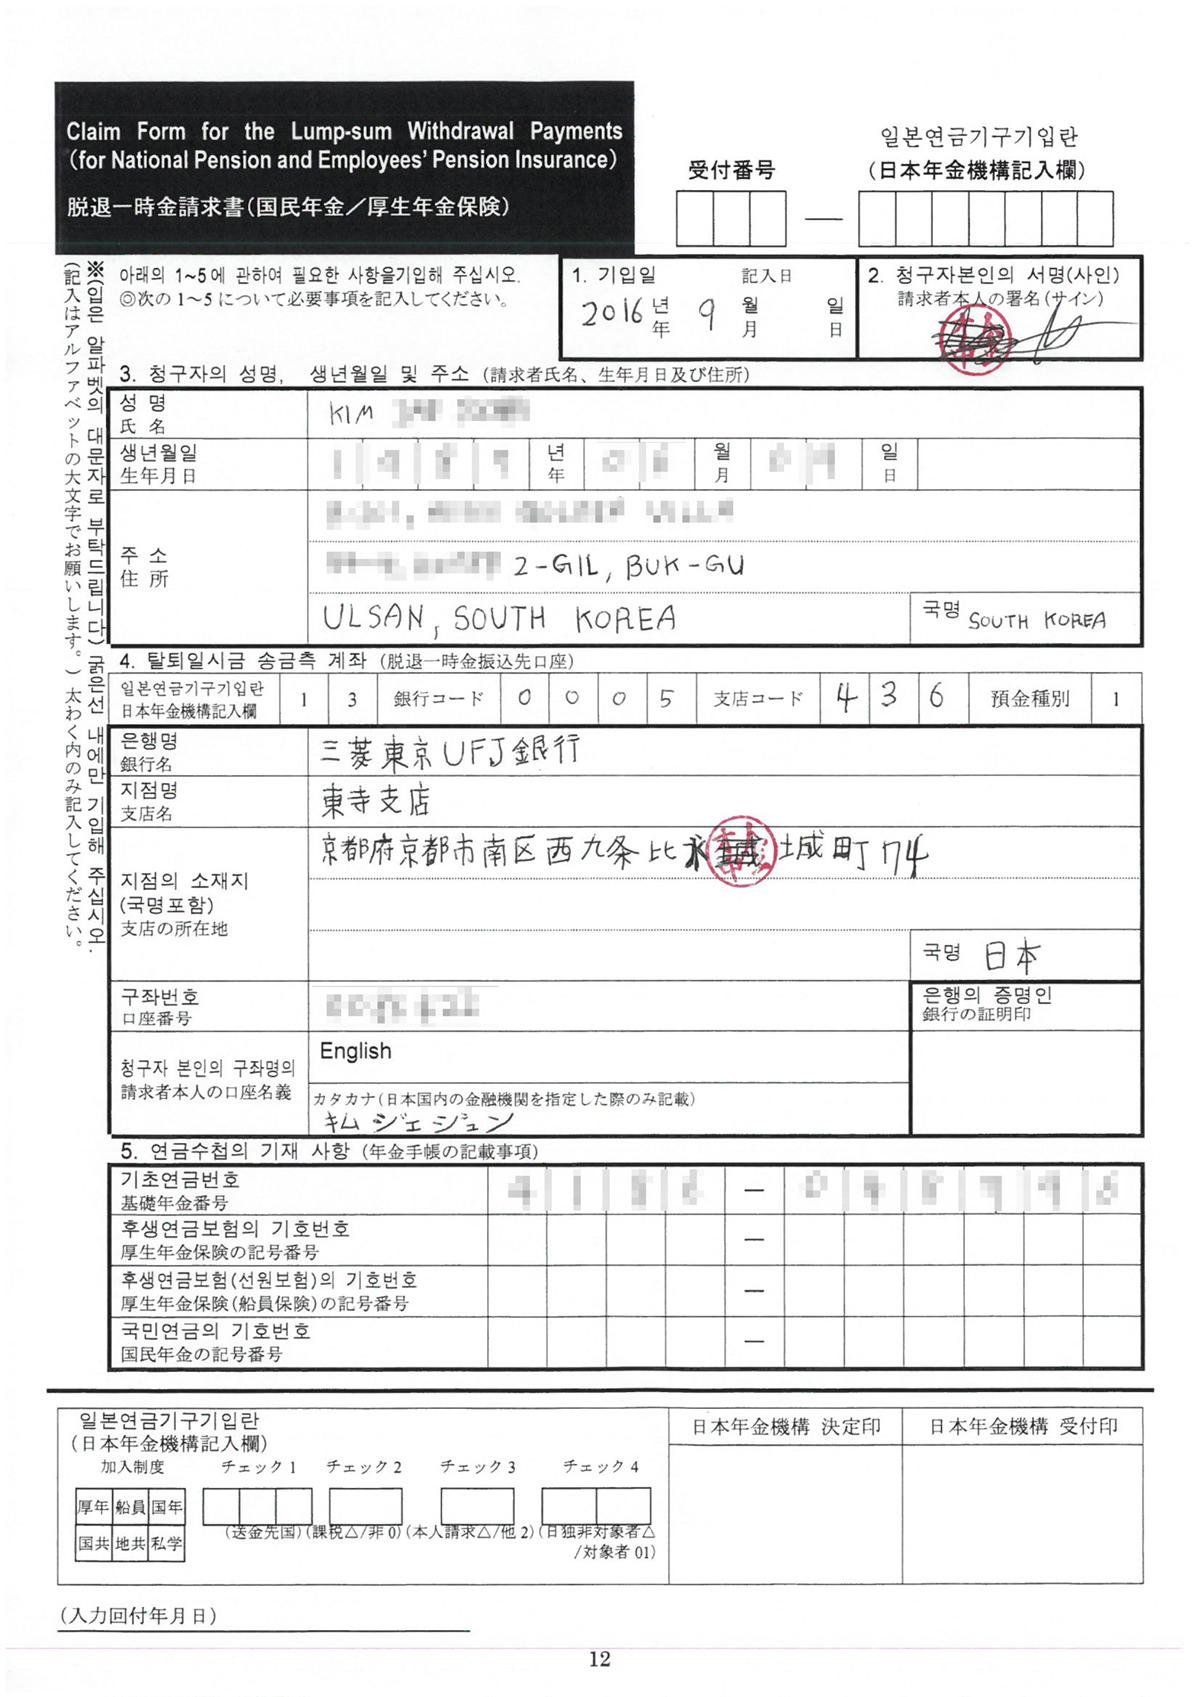 일본 후생연금 보험금 환급신청서 (탈퇴 일시금 청구서)